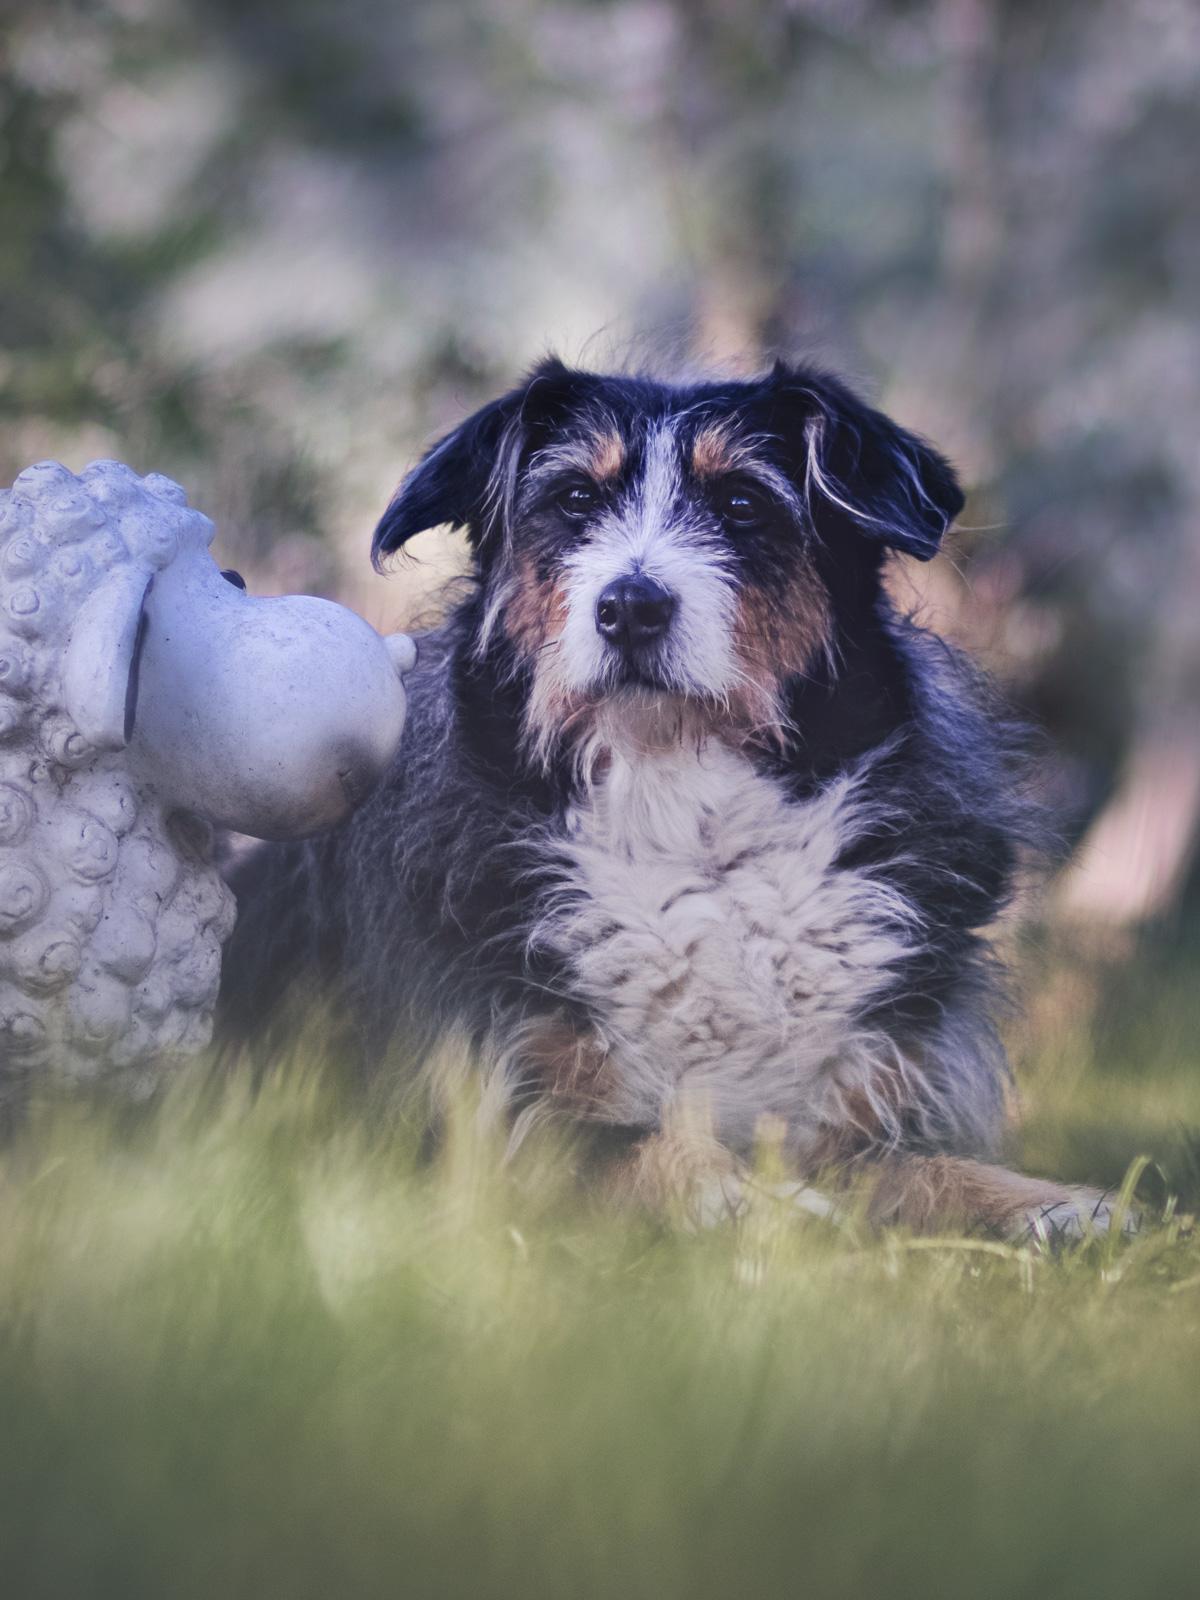 Mein Hund Queeny im Gras – die Allwissende